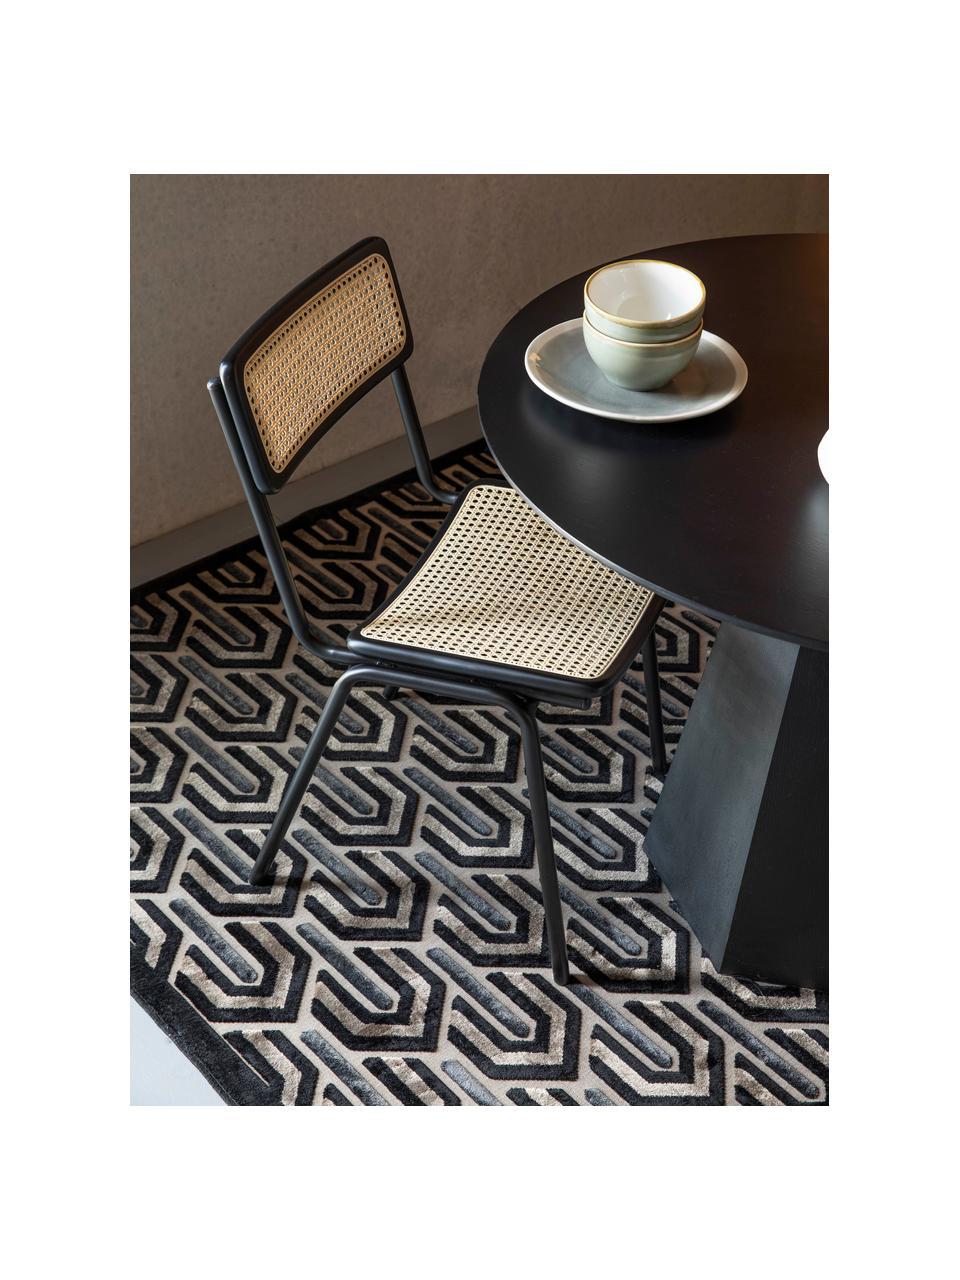 Koberec s různou výškou povrchu v retro stylu Beverly, Černá, béžová, šedá